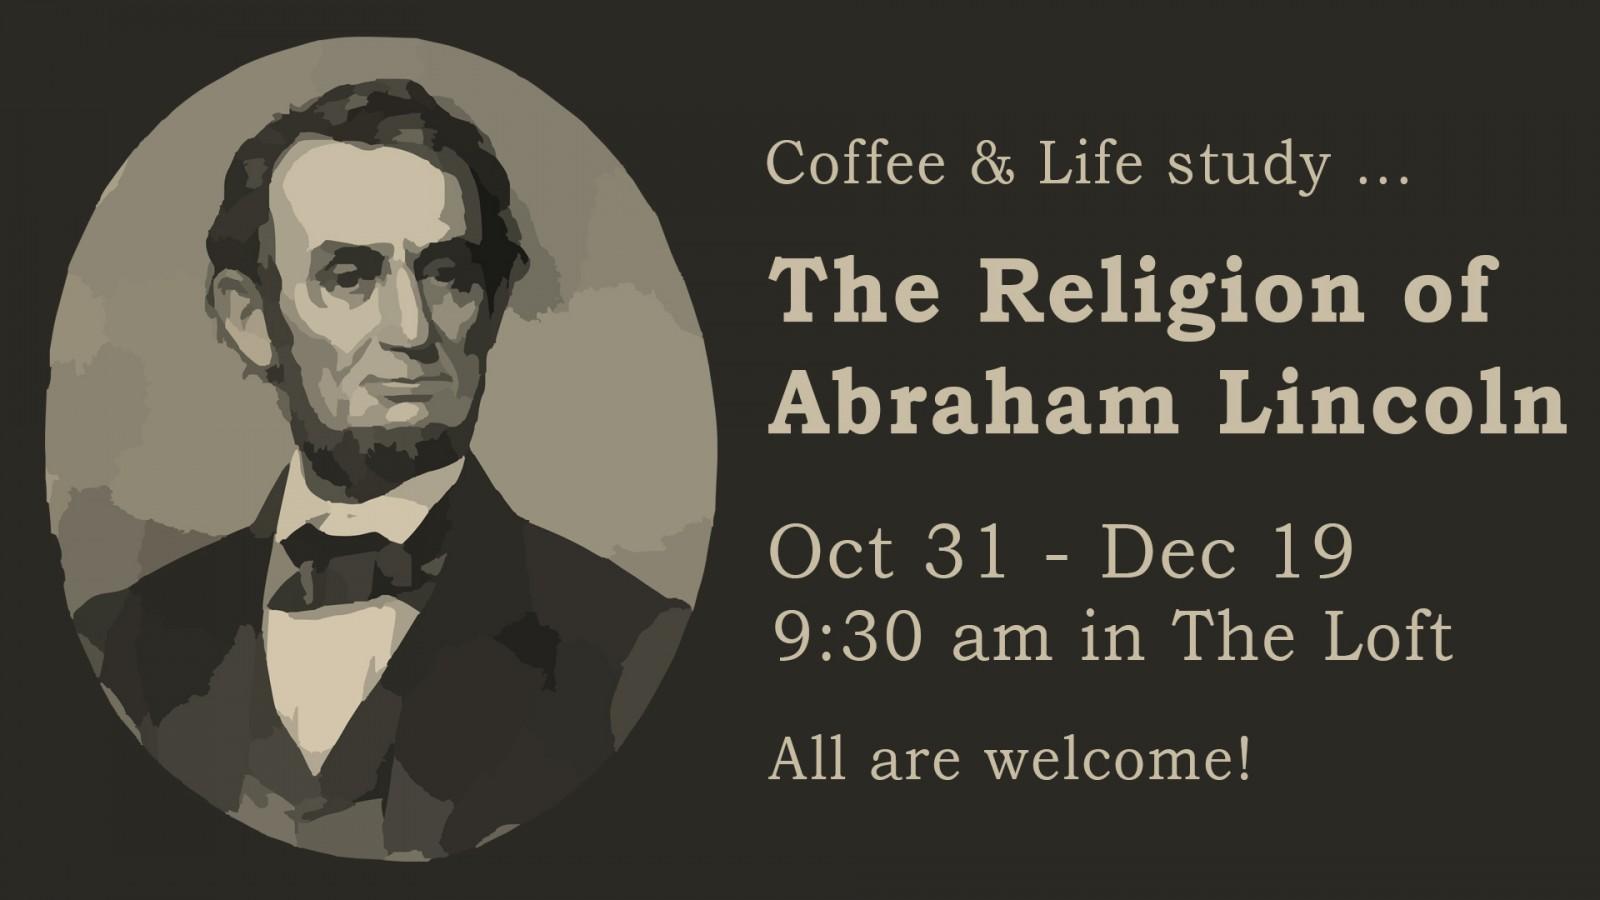 The Religion of Abraham Lincoln slide-b